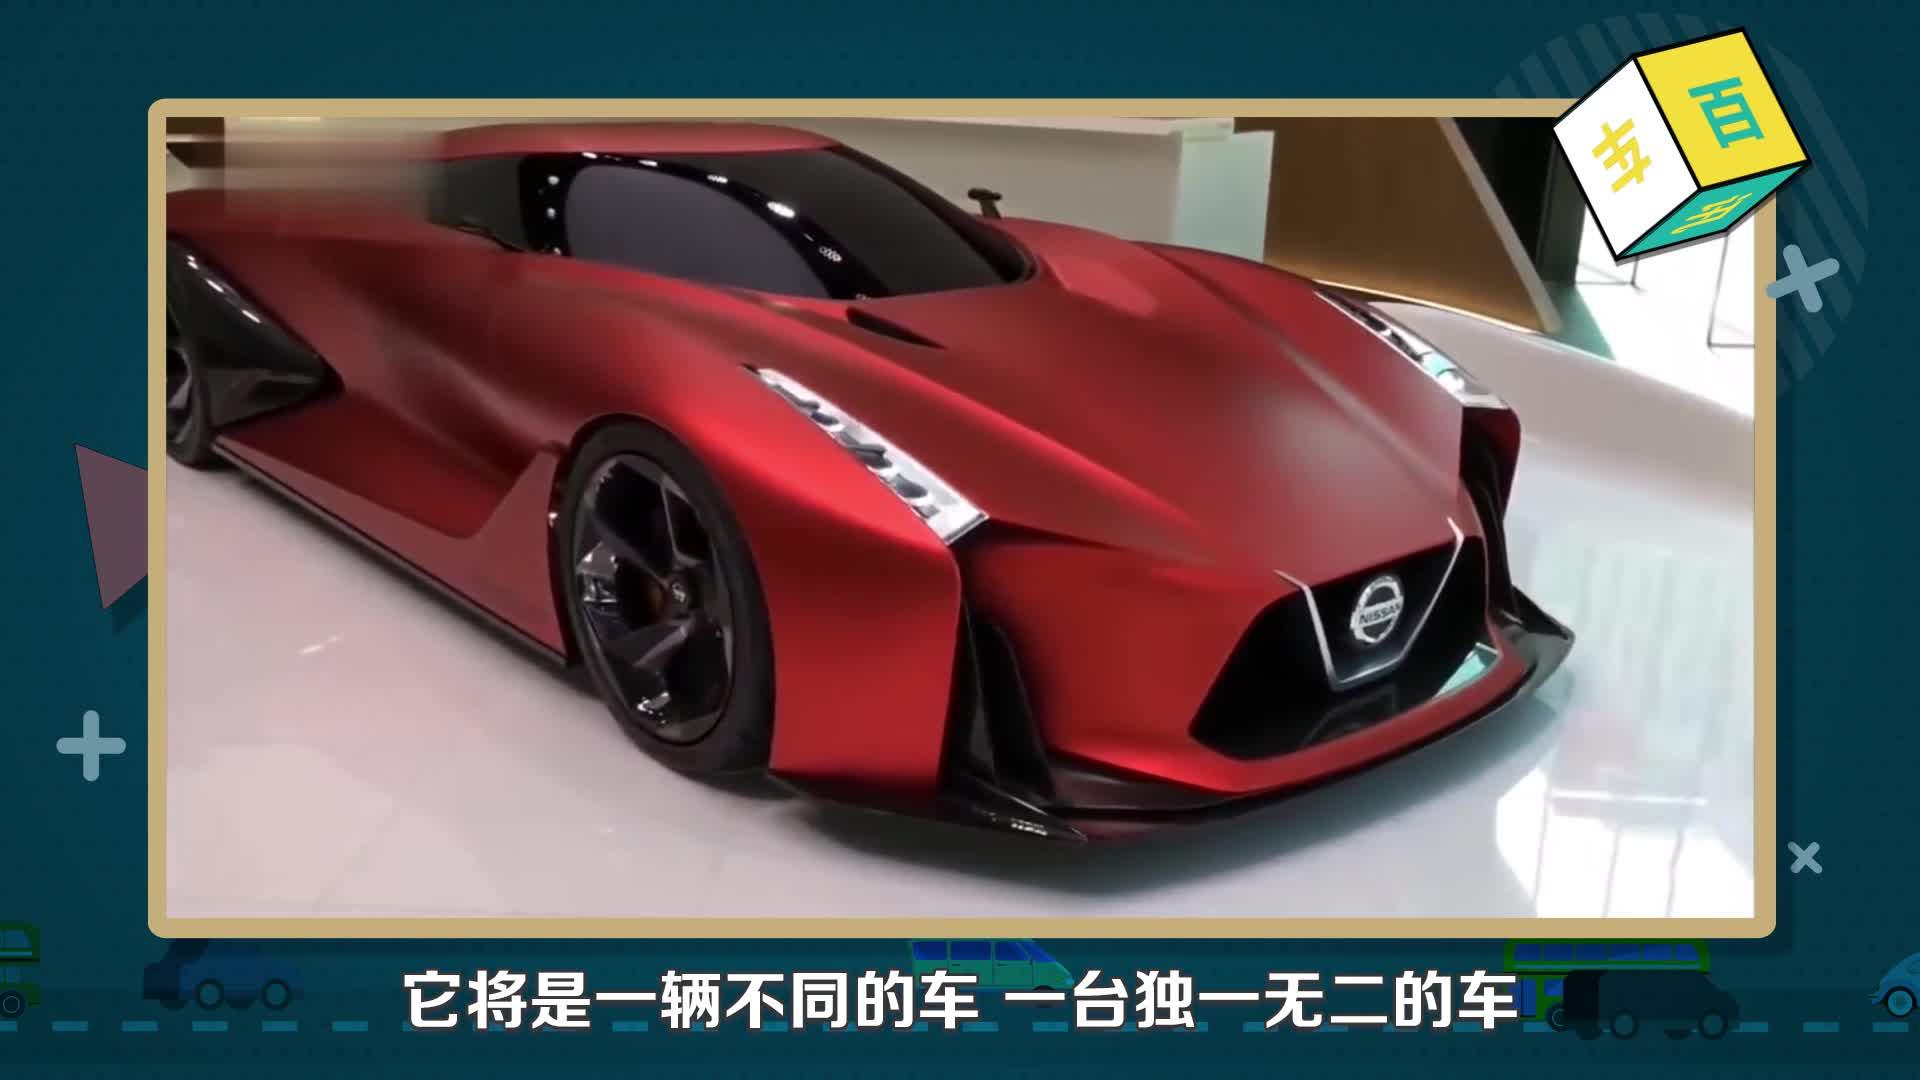 """新一代GTR来袭 """"战神""""魅力延续 或将成世界最快超跑"""